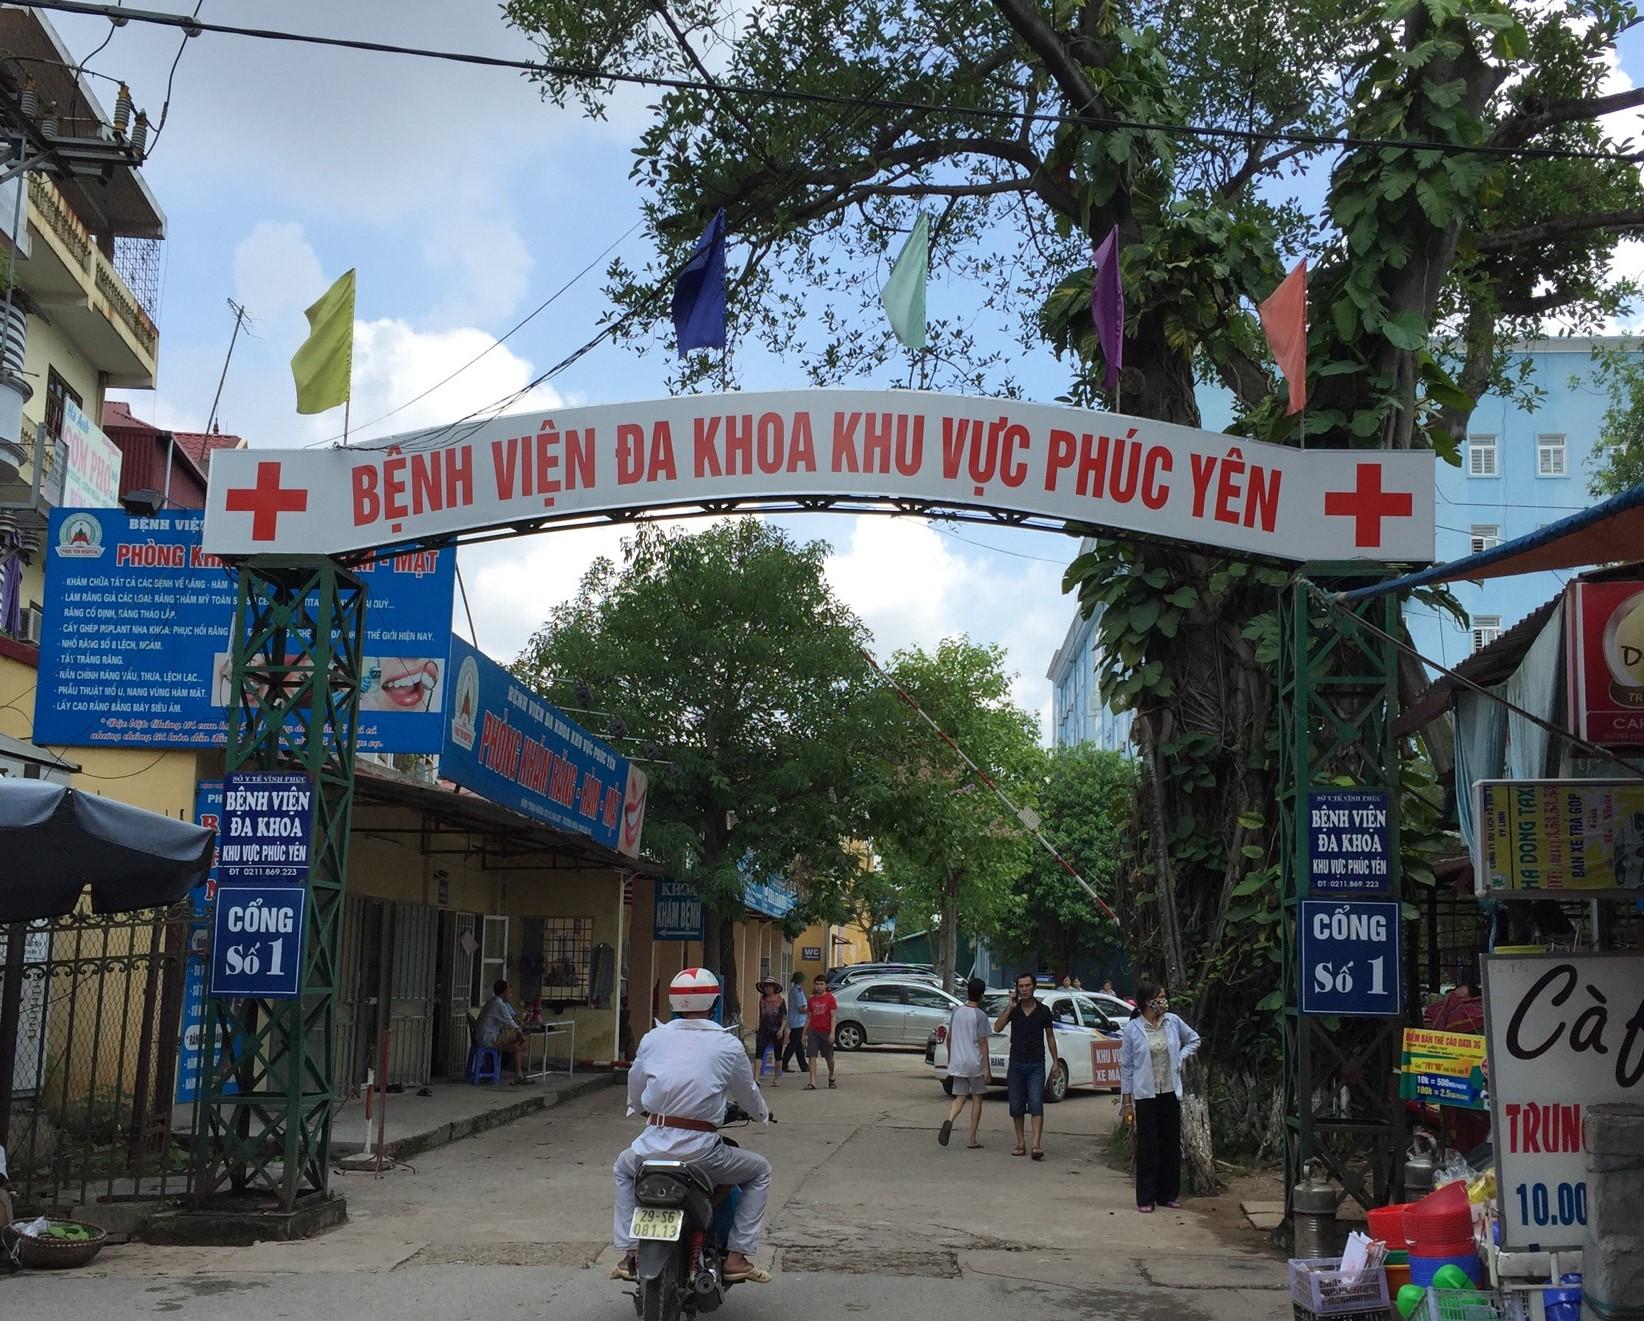 Bệnh viện đa khoa khu vực Phúc Yên: Có 14 nhân viên y tế từng đến quán Bar Sunny